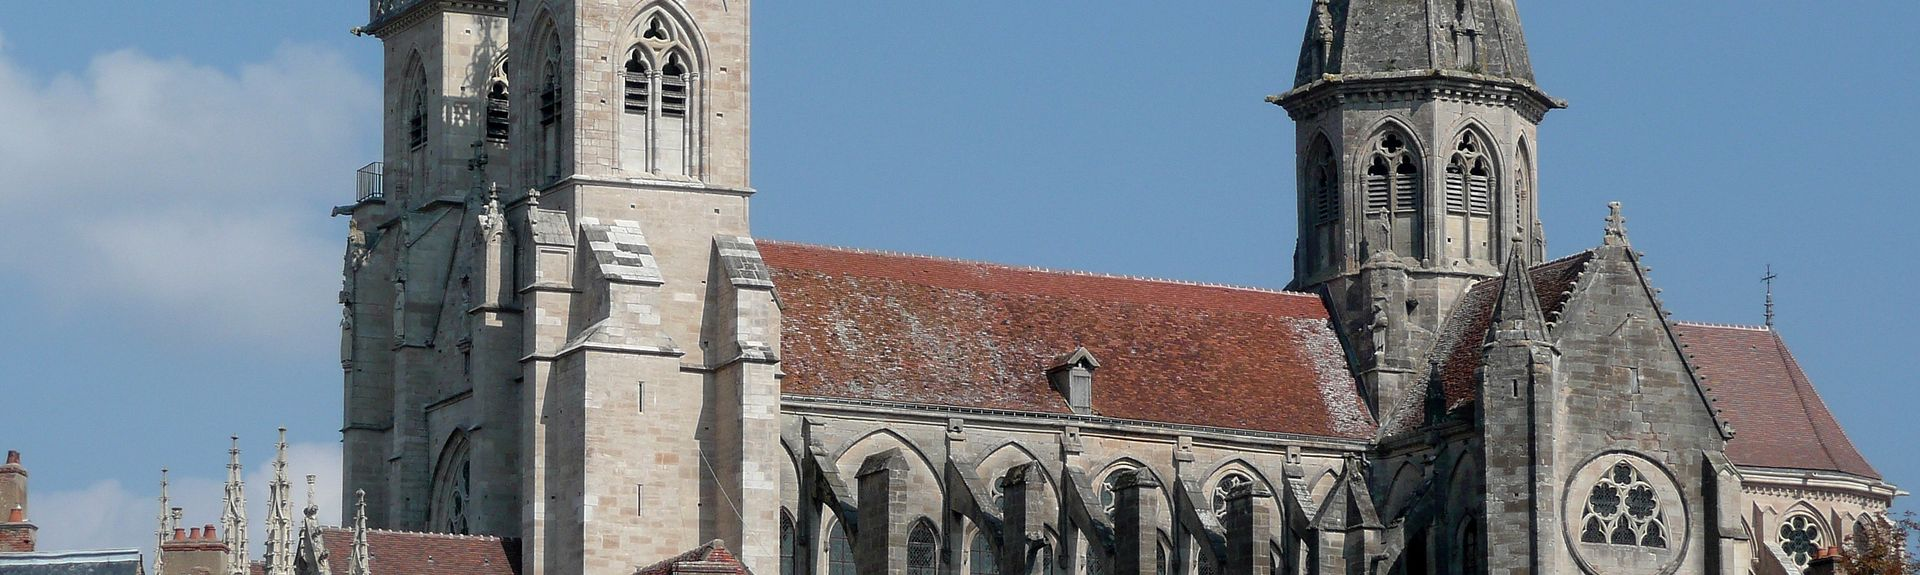 Corsaint, Bourgogne-Franche-Comté, France